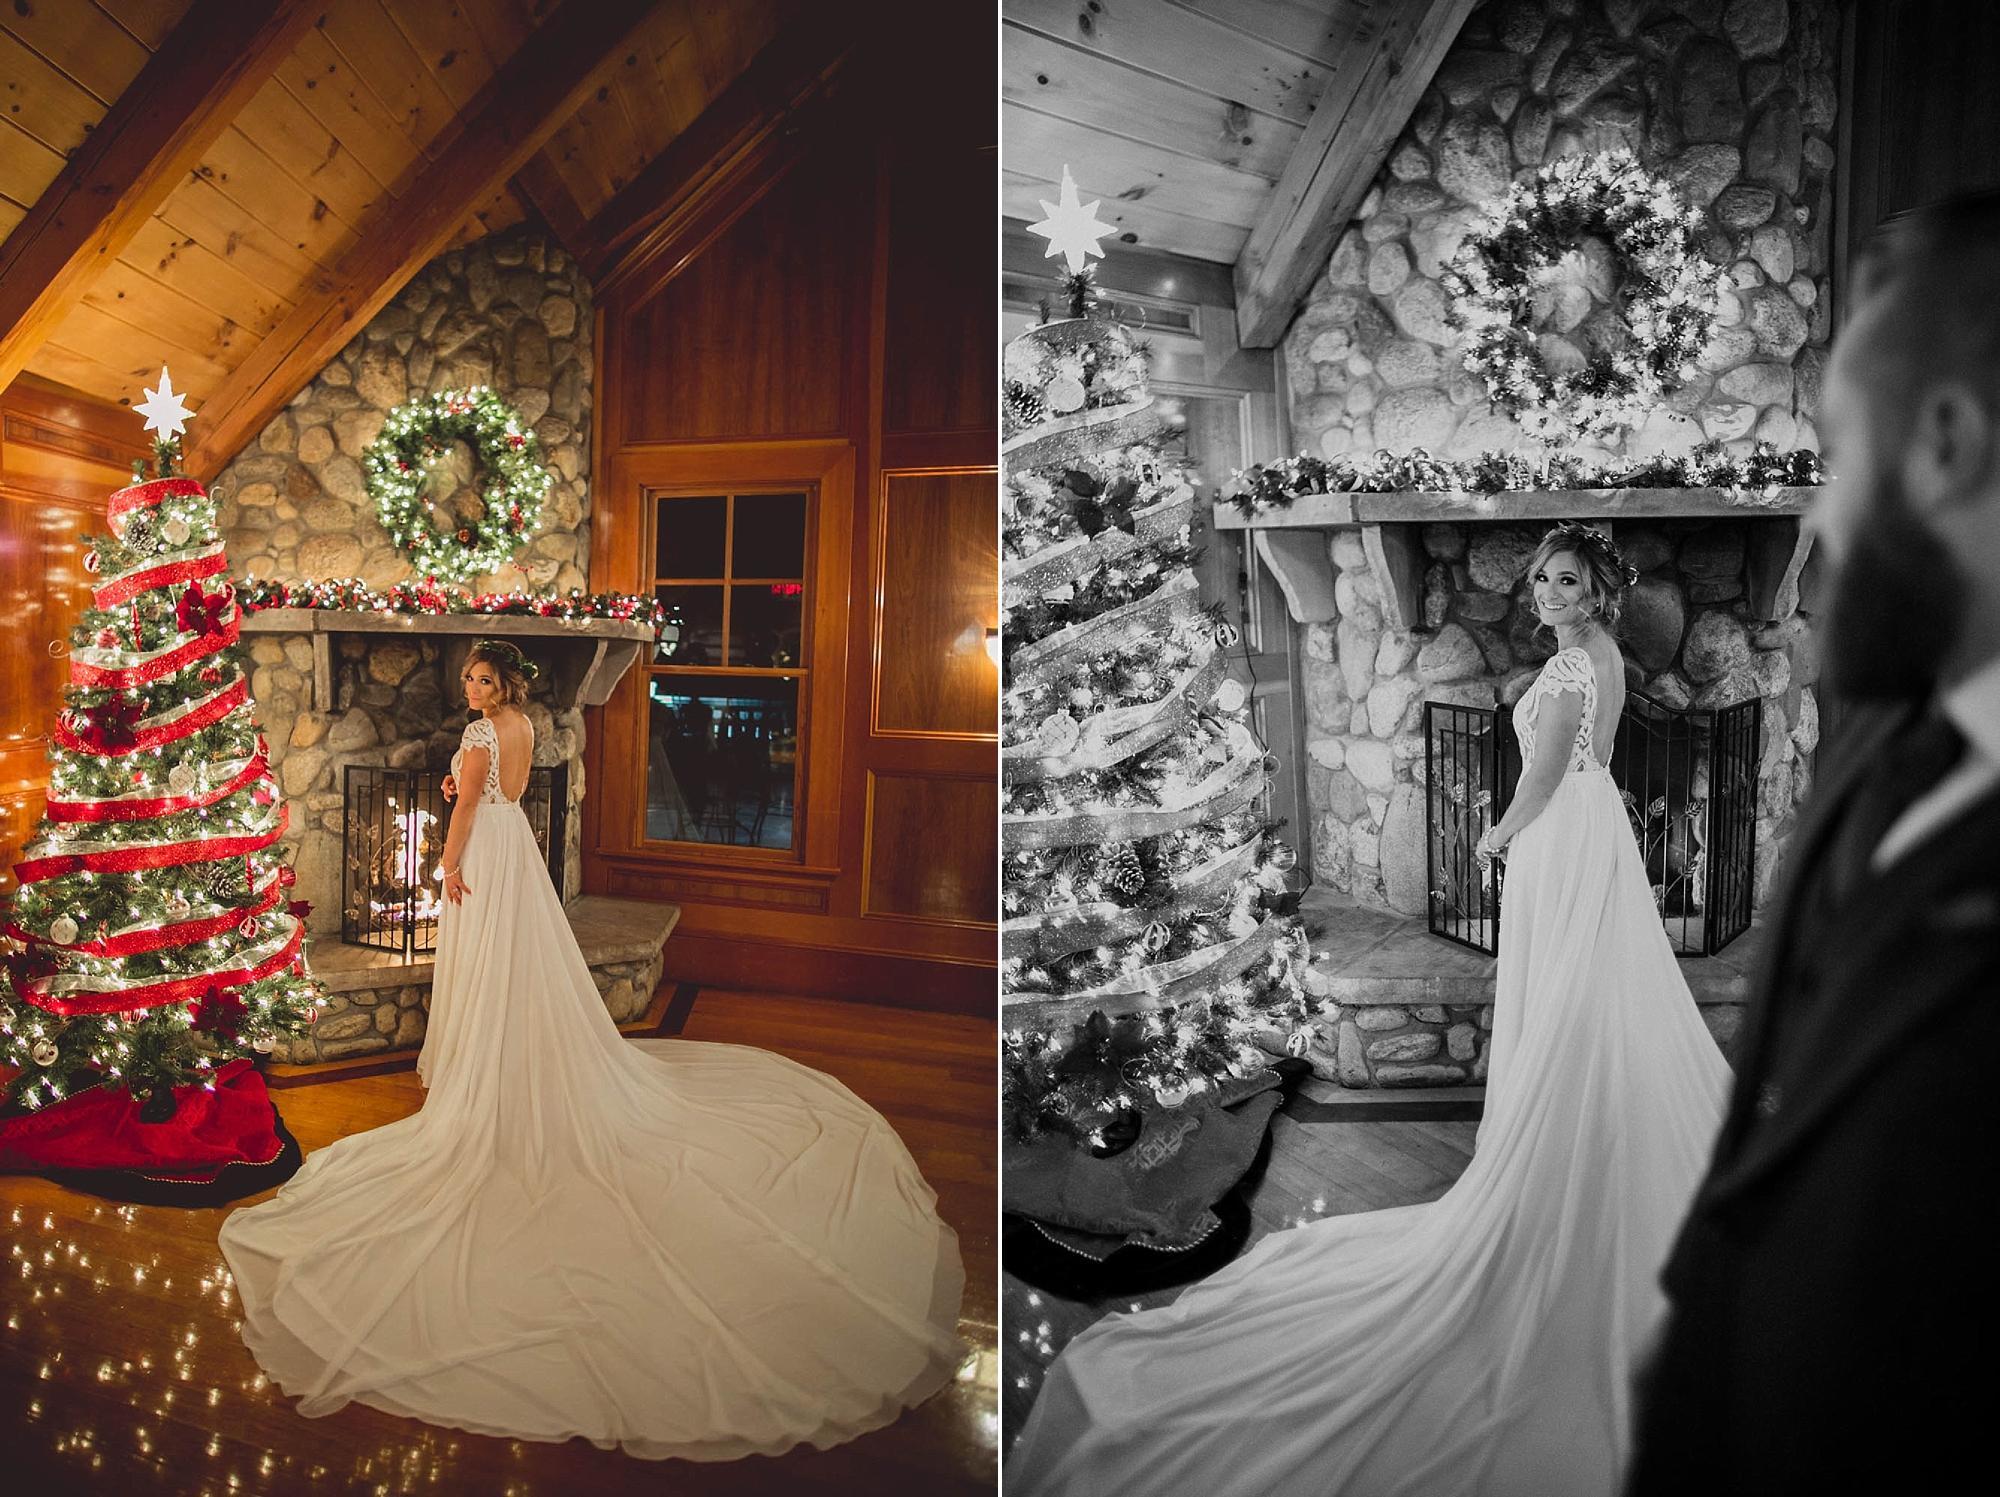 Tweaksbury-country-clup-wedding-64.jpg